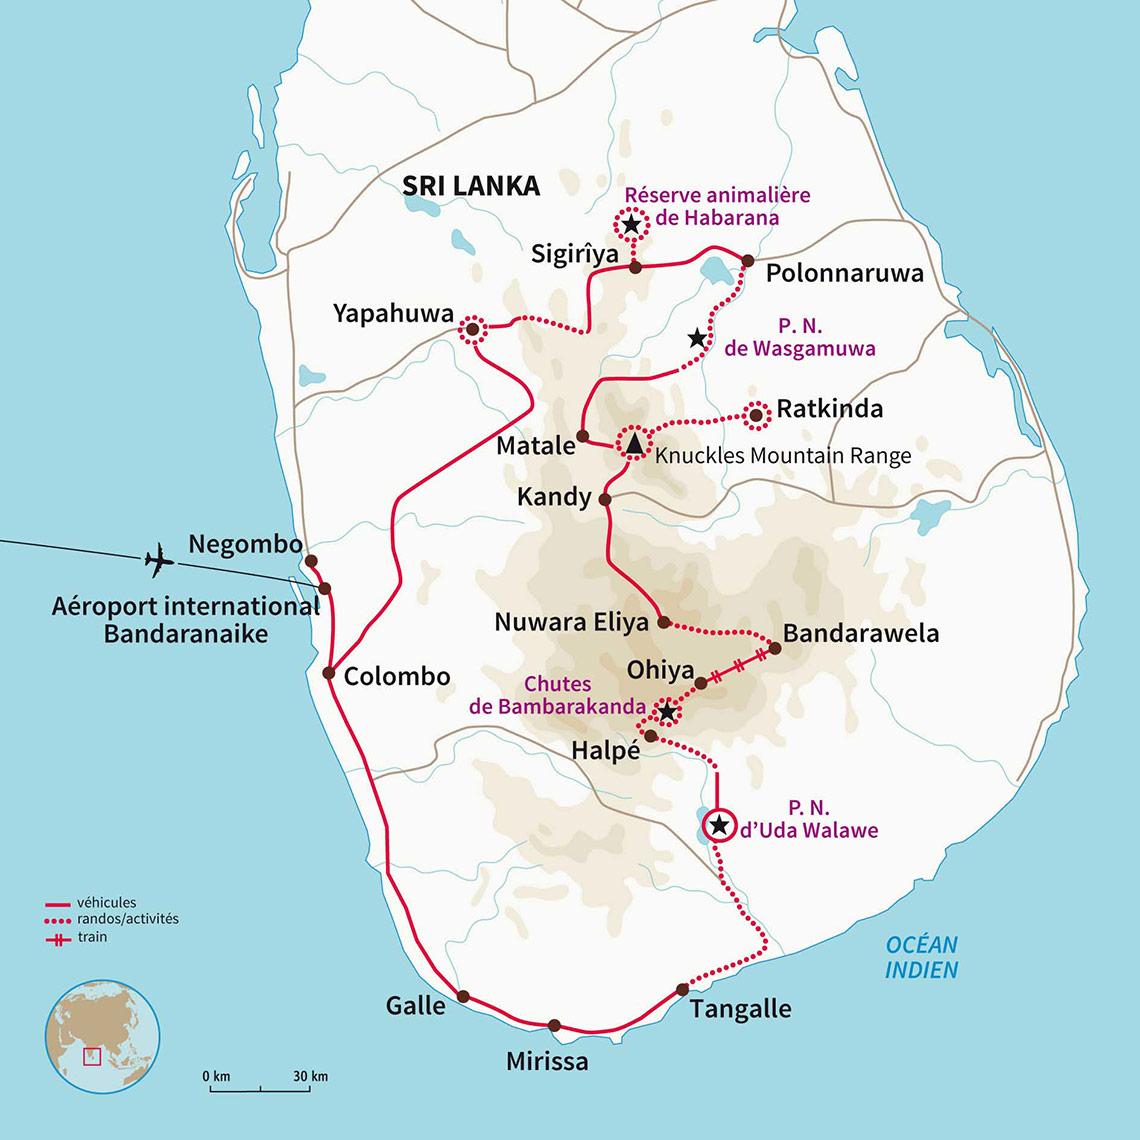 Carte Bancaire Sri Lanka.Voyage Aventure Vtt Sri Lanka En Selle A Ceylan Nomade